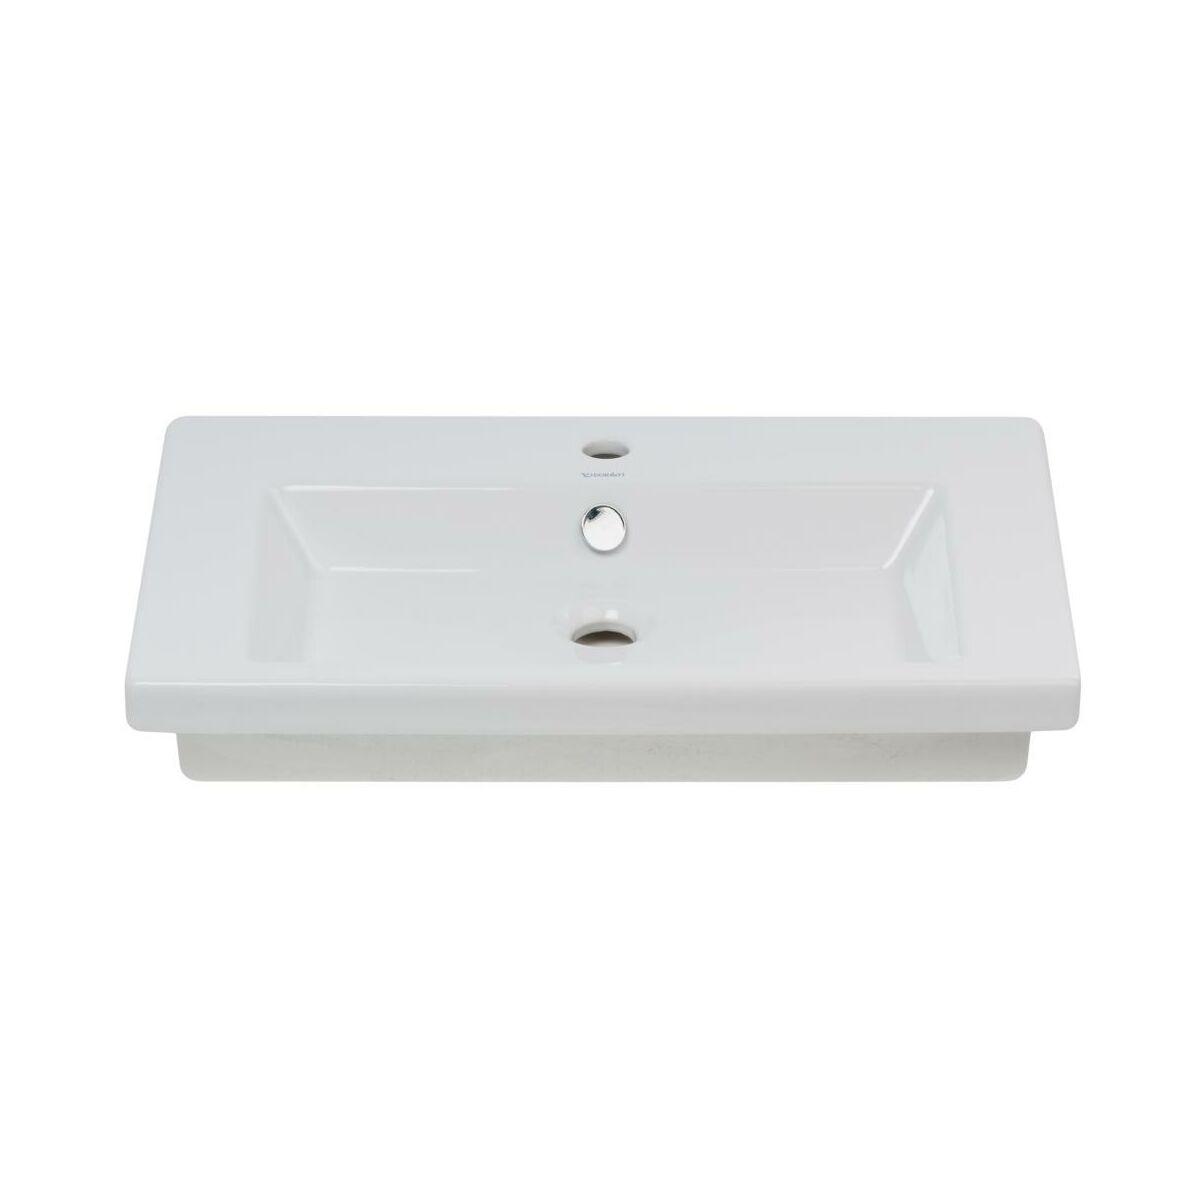 Umywalka 2nd floor umywalki w atrakcyjnej cenie w for Floor in a box leroy merlin